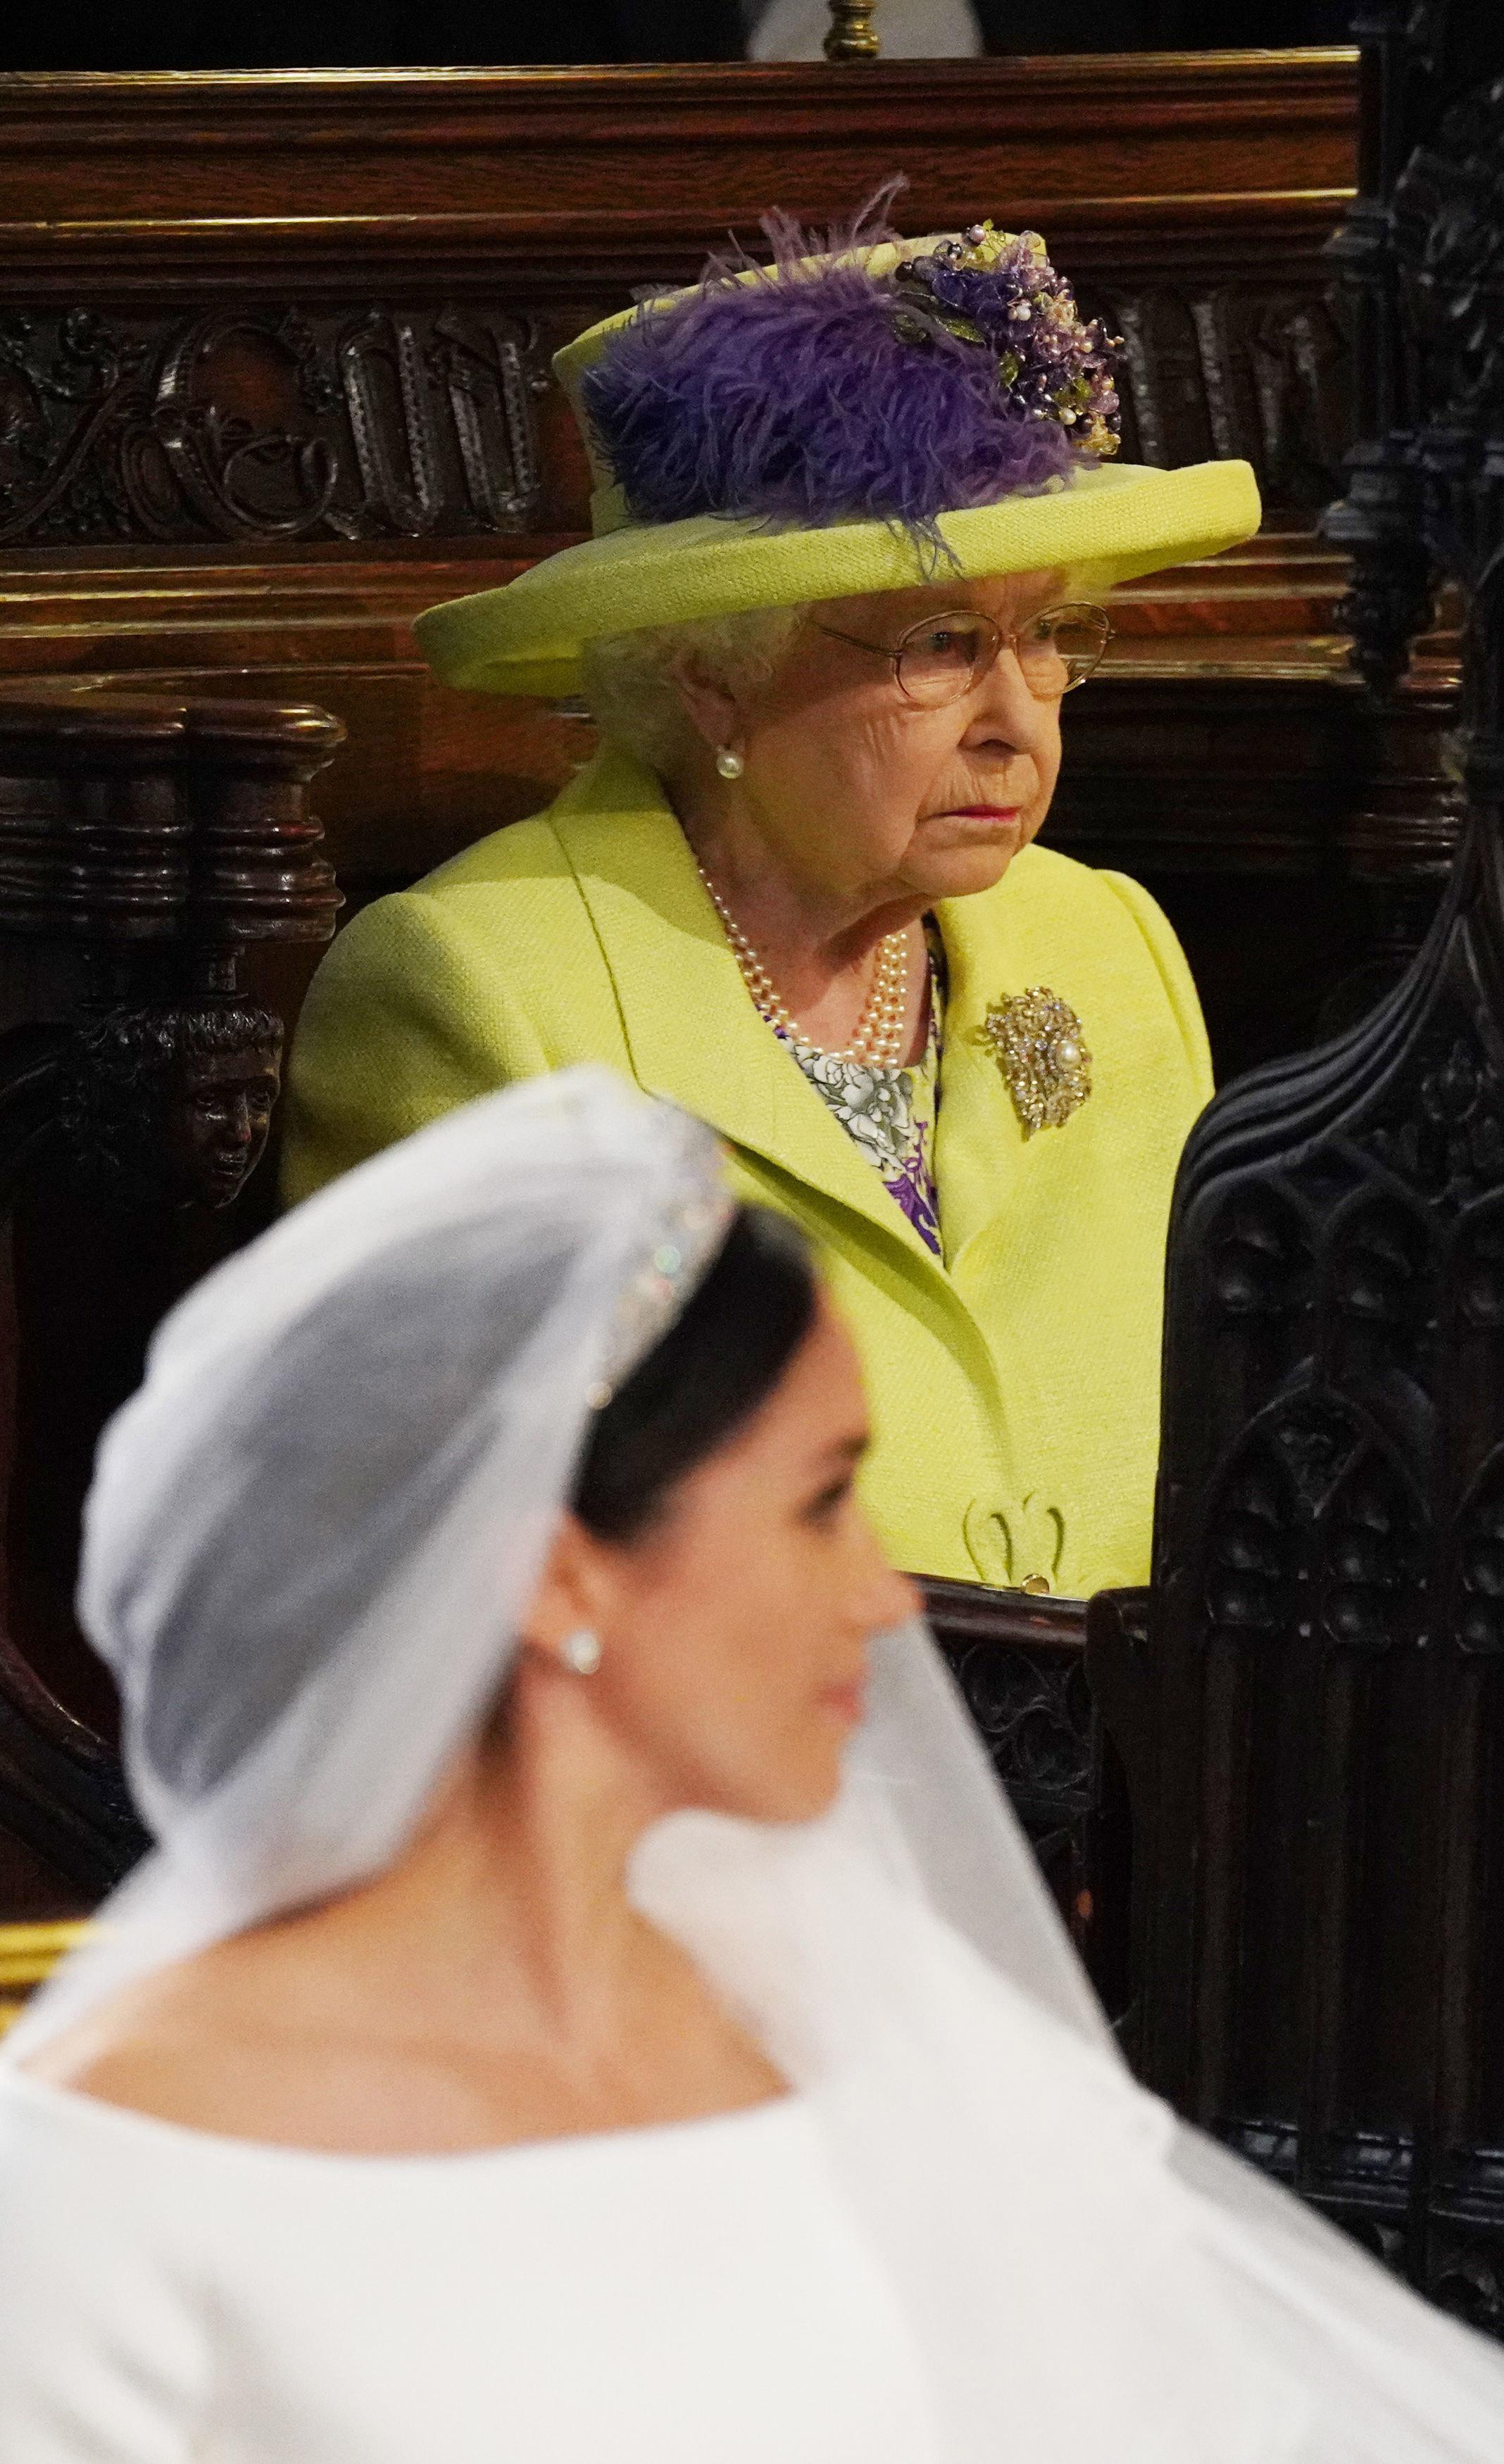 Сън ли бе да го опишеш... На херцогинята на Съсекс й е позволено да си почива по всякога време, когато си у дома, но не й когато е на гости у Кралицата. Оказва се, че съпругата на принц Хари не може дори да си помечтае за сън, когато Елизабет II е будна. За щастие монархът на Великобритания много рядко си ляга да спи преди 23.30ч.